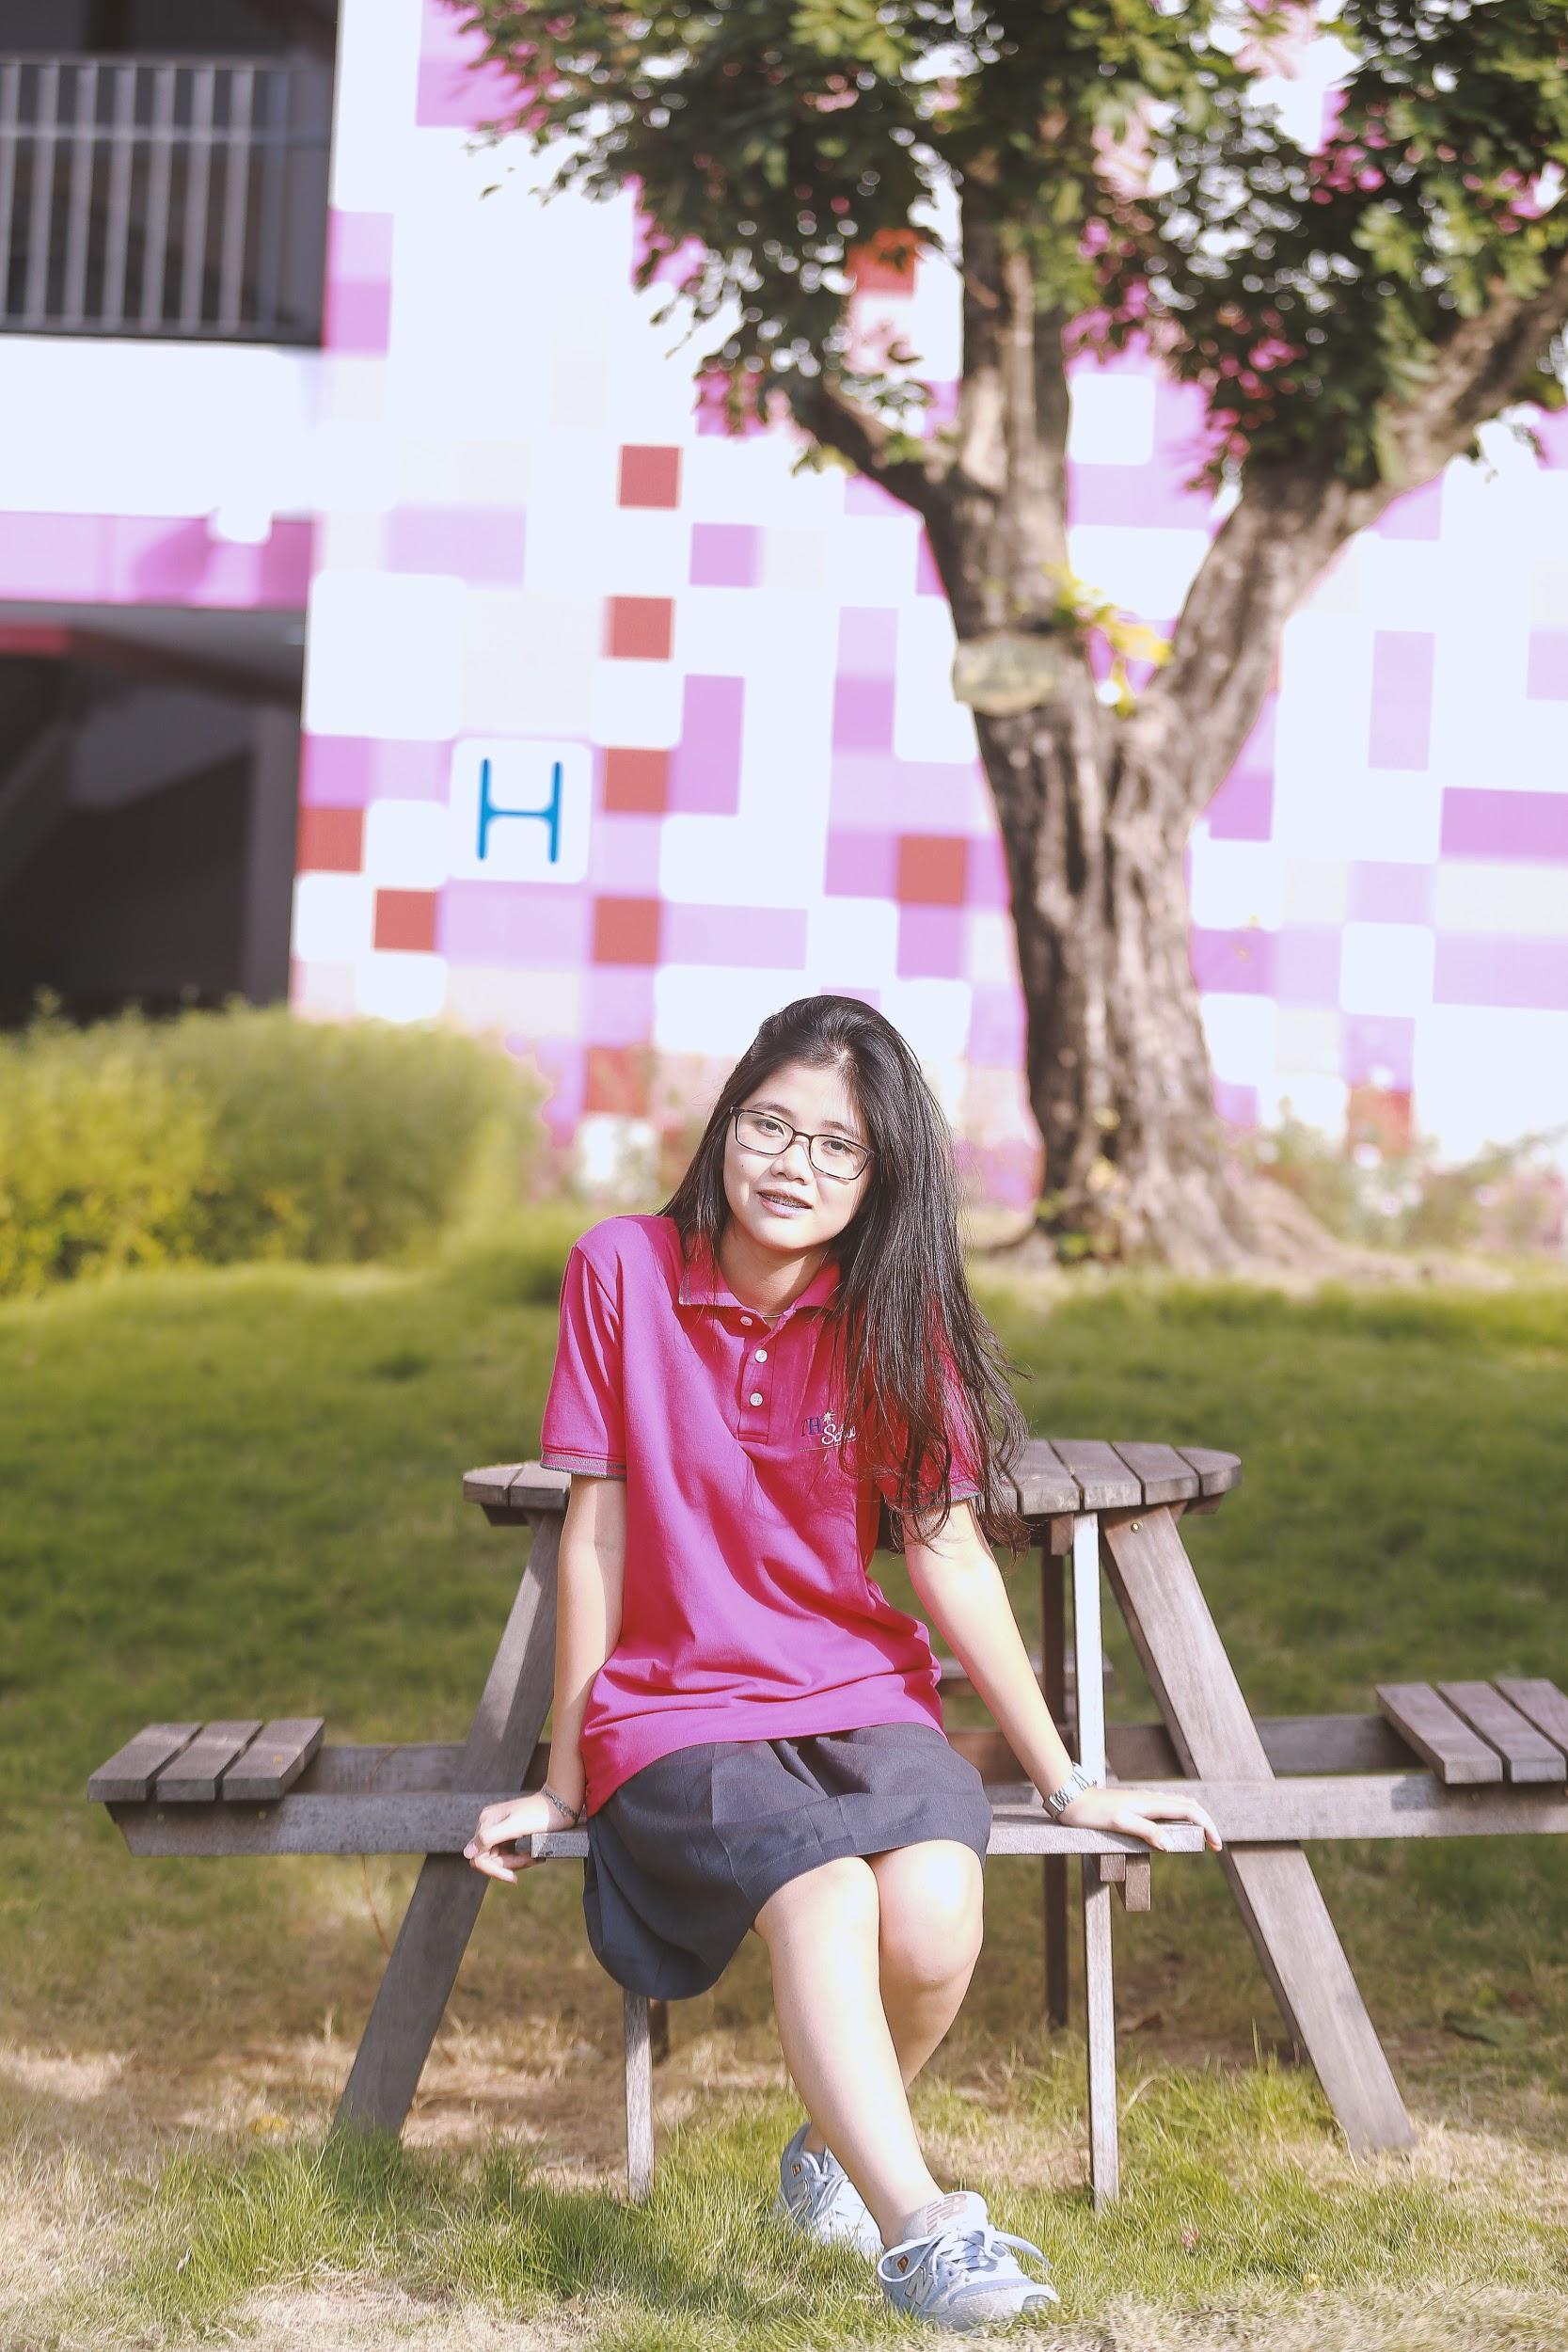 Những ước mơ được viết ở TH School: Khi trường học là một ngôi nhà lớn hạnh phúc - Ảnh 6.